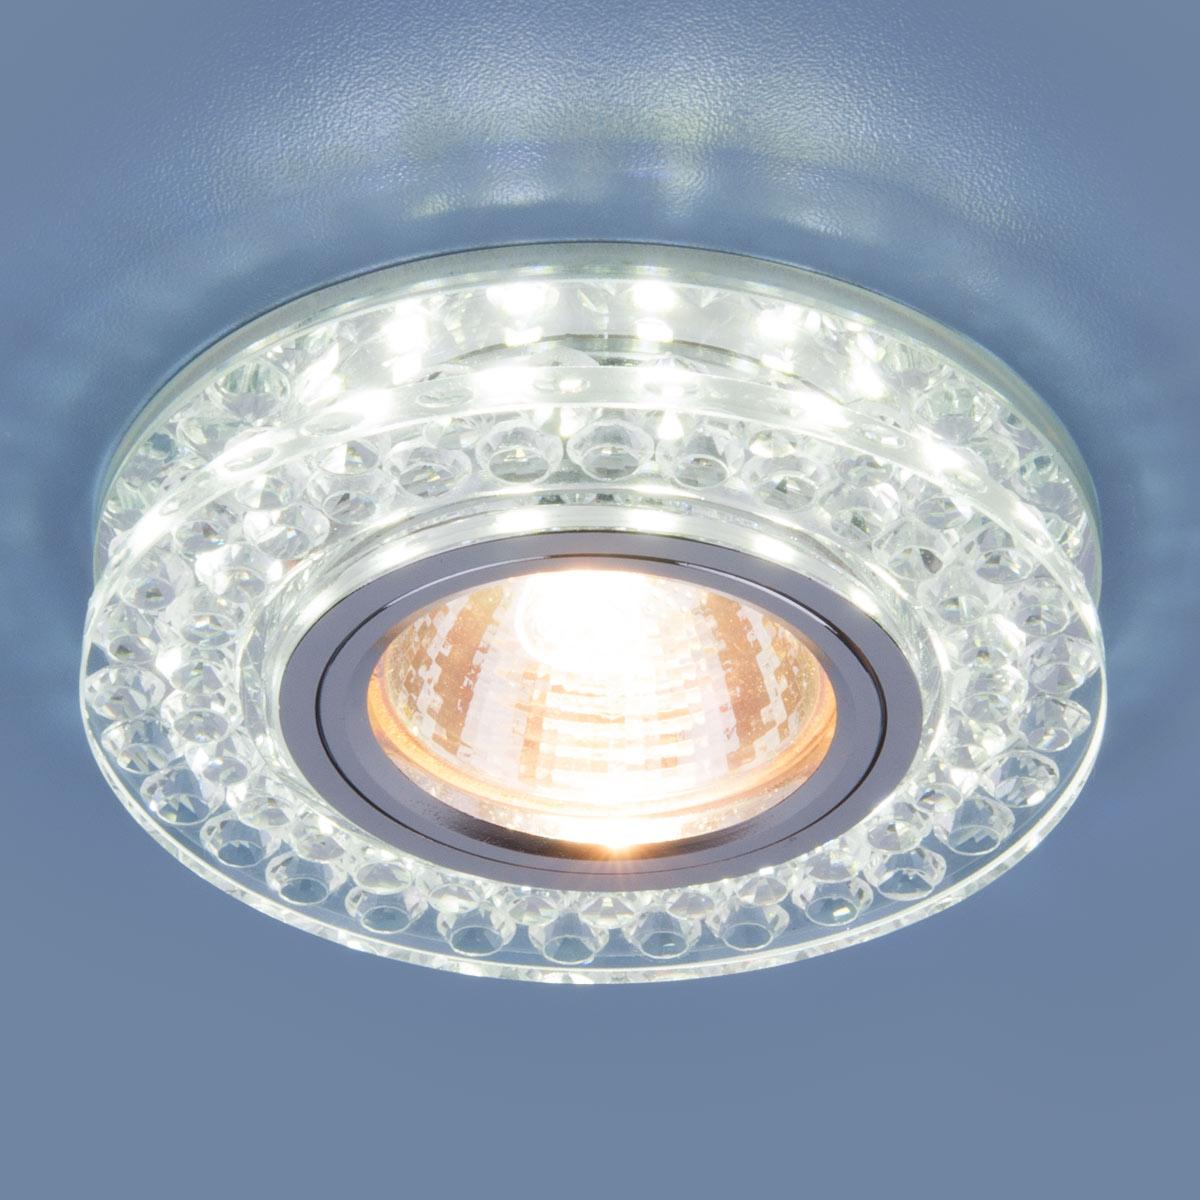 Точечный светодиодный светильник 8381 MR16 CL/SL прозрачный/серебро